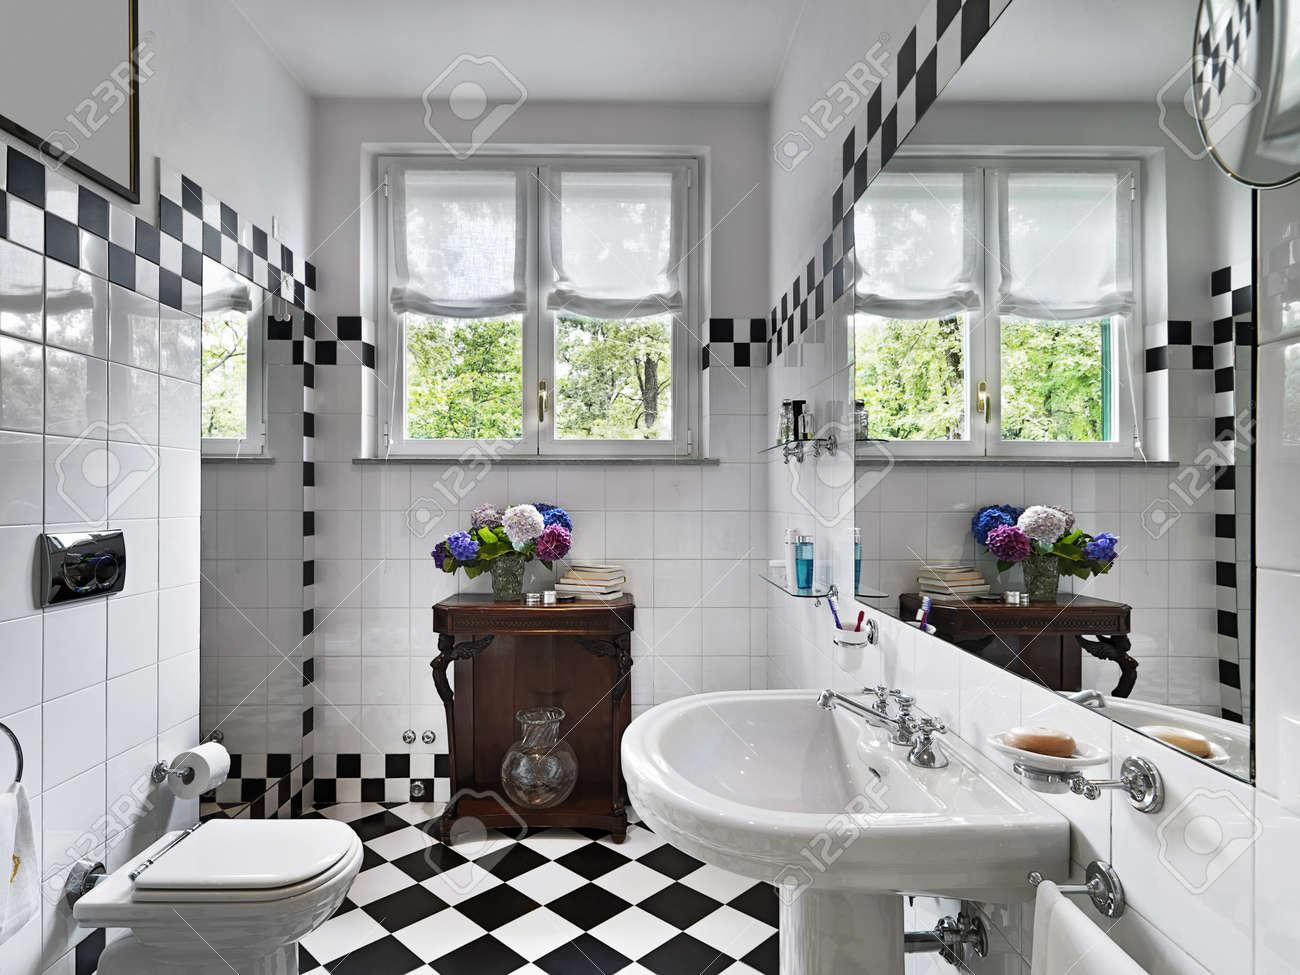 Salle de bains moderne en noir et blanc banque d'images et photos ...